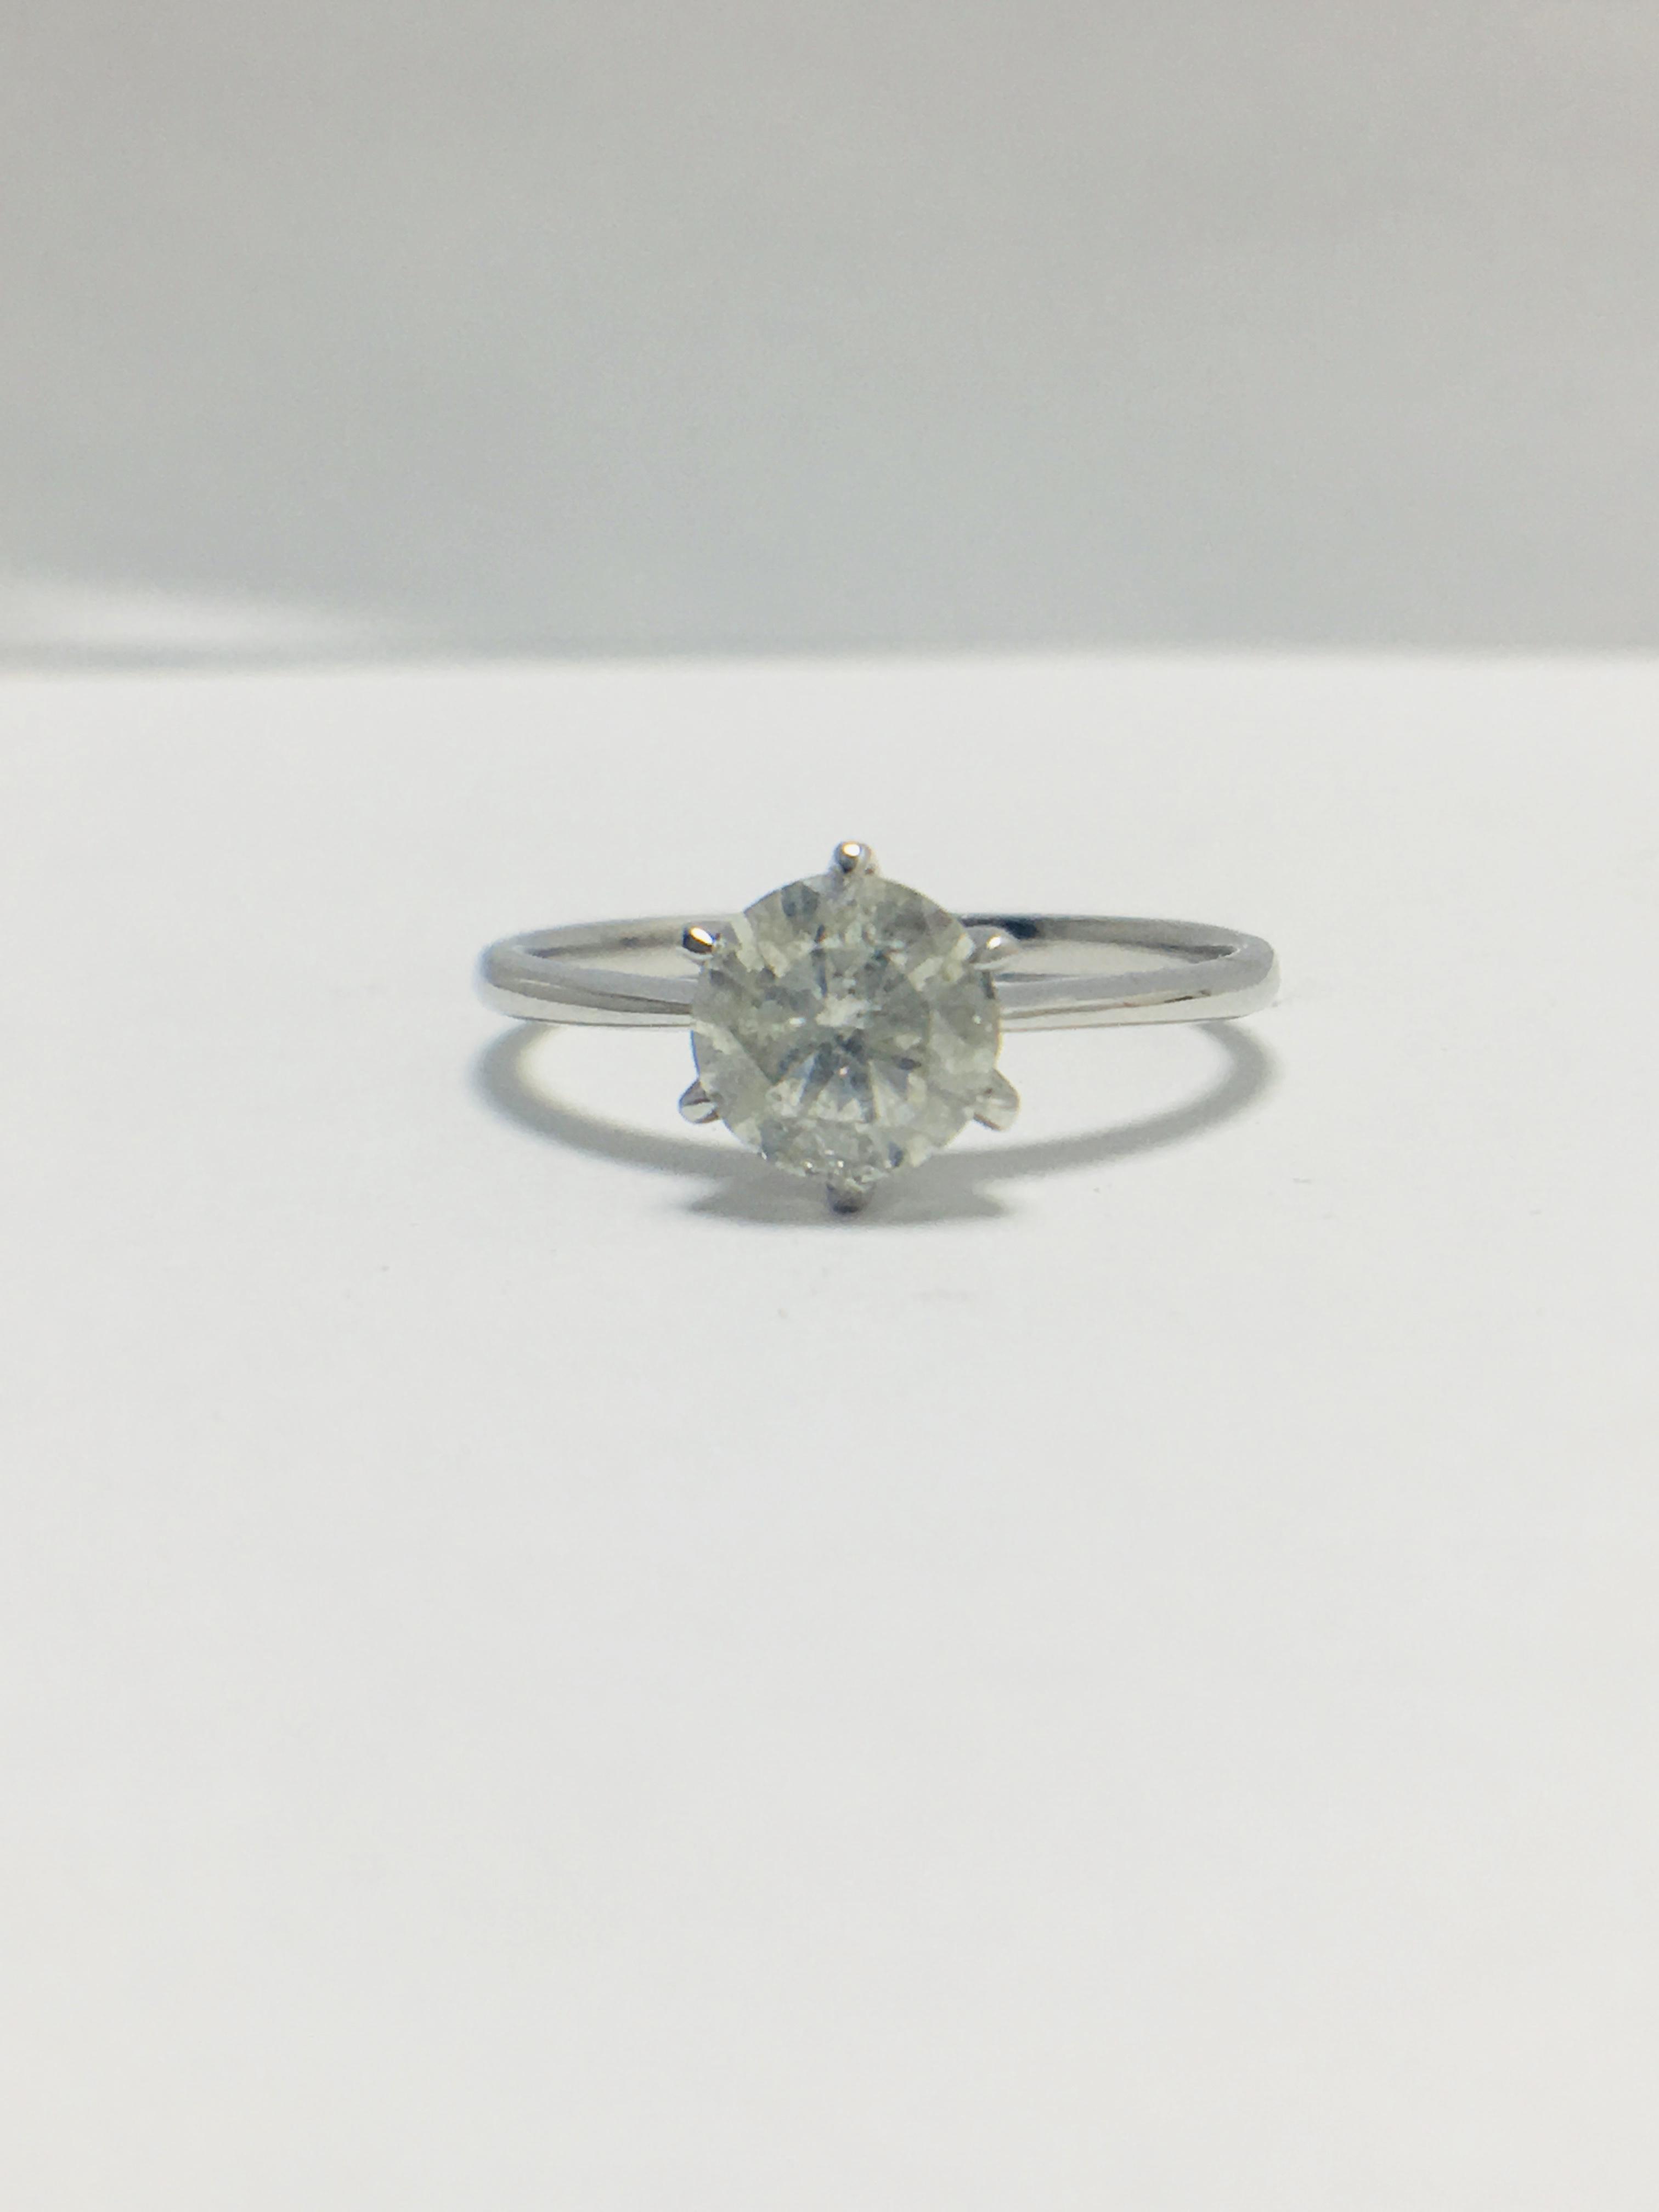 1ct platinum Diamond solitaire ring